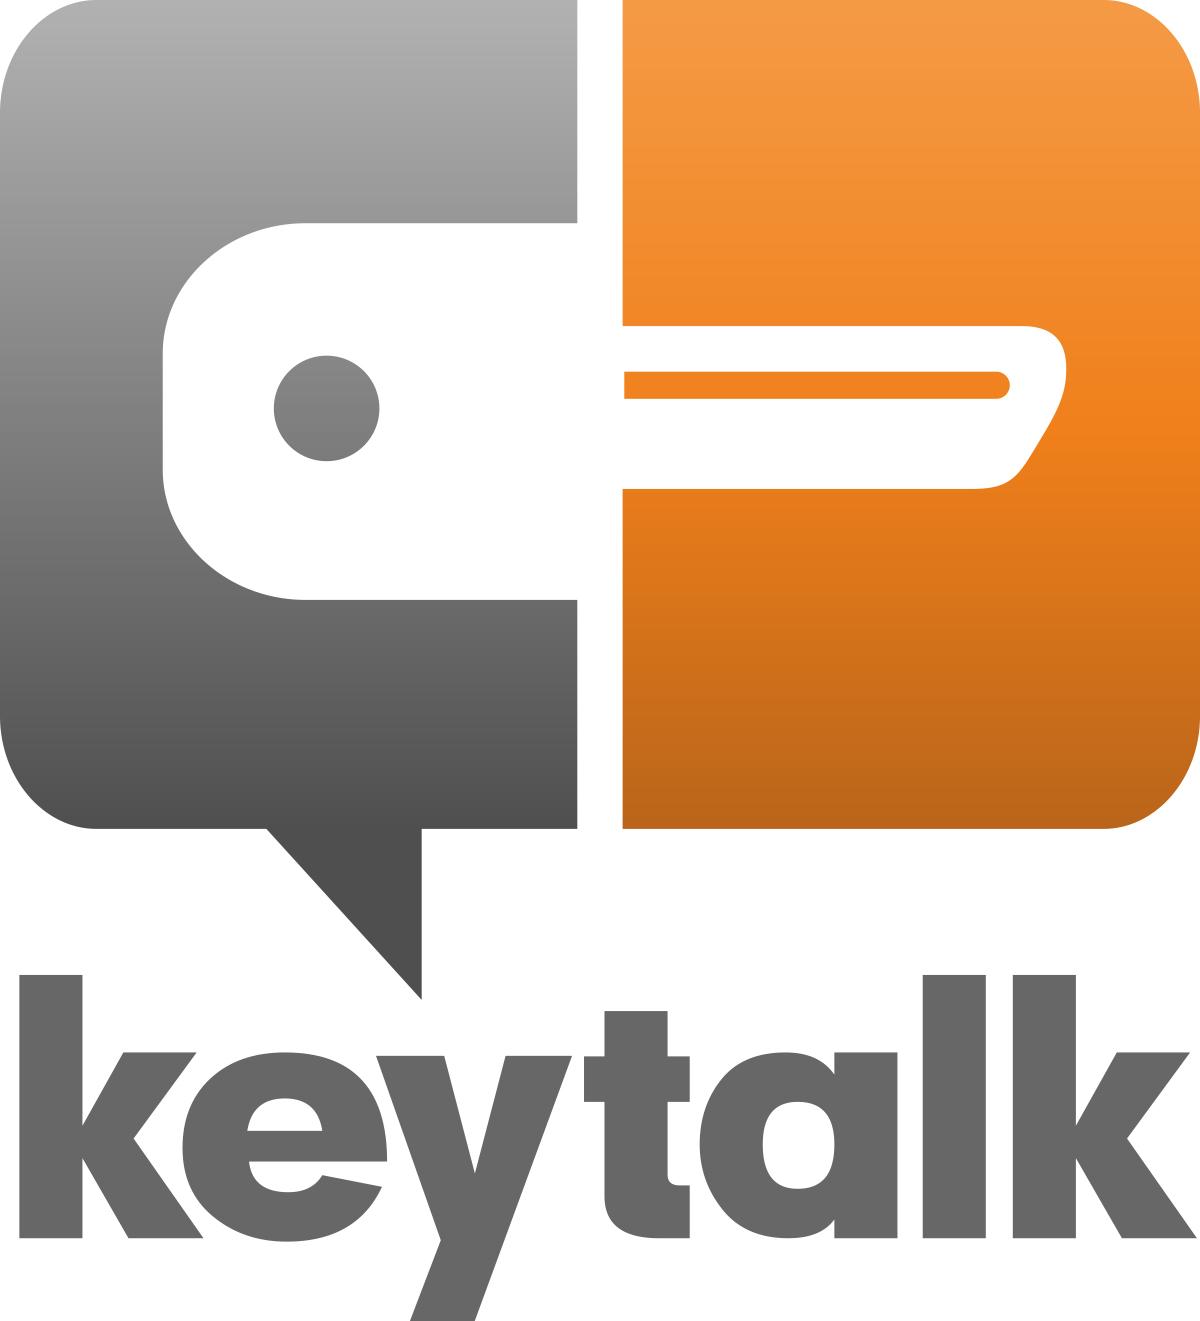 KeyTalk HighResLogos2.jpg